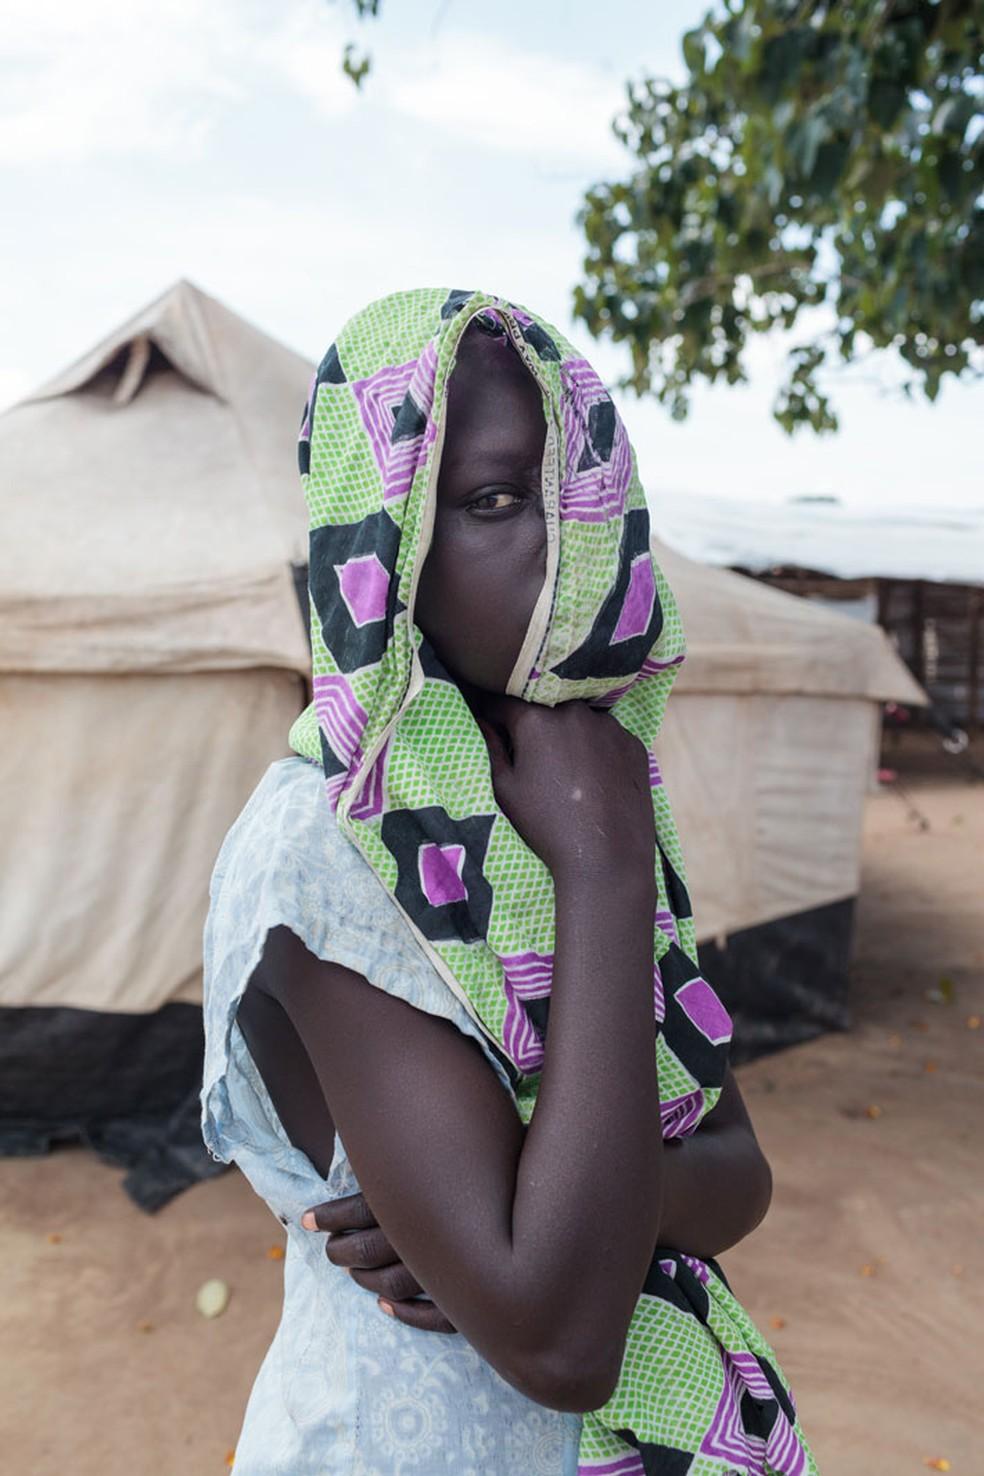 O fotógrafo brasileiro Bruno Feder quer levar Amoli, garota com queimaduras no rosto, para uma cirurgia de reconstrução do rosto em Uganda (Foto: Bruno Feder)